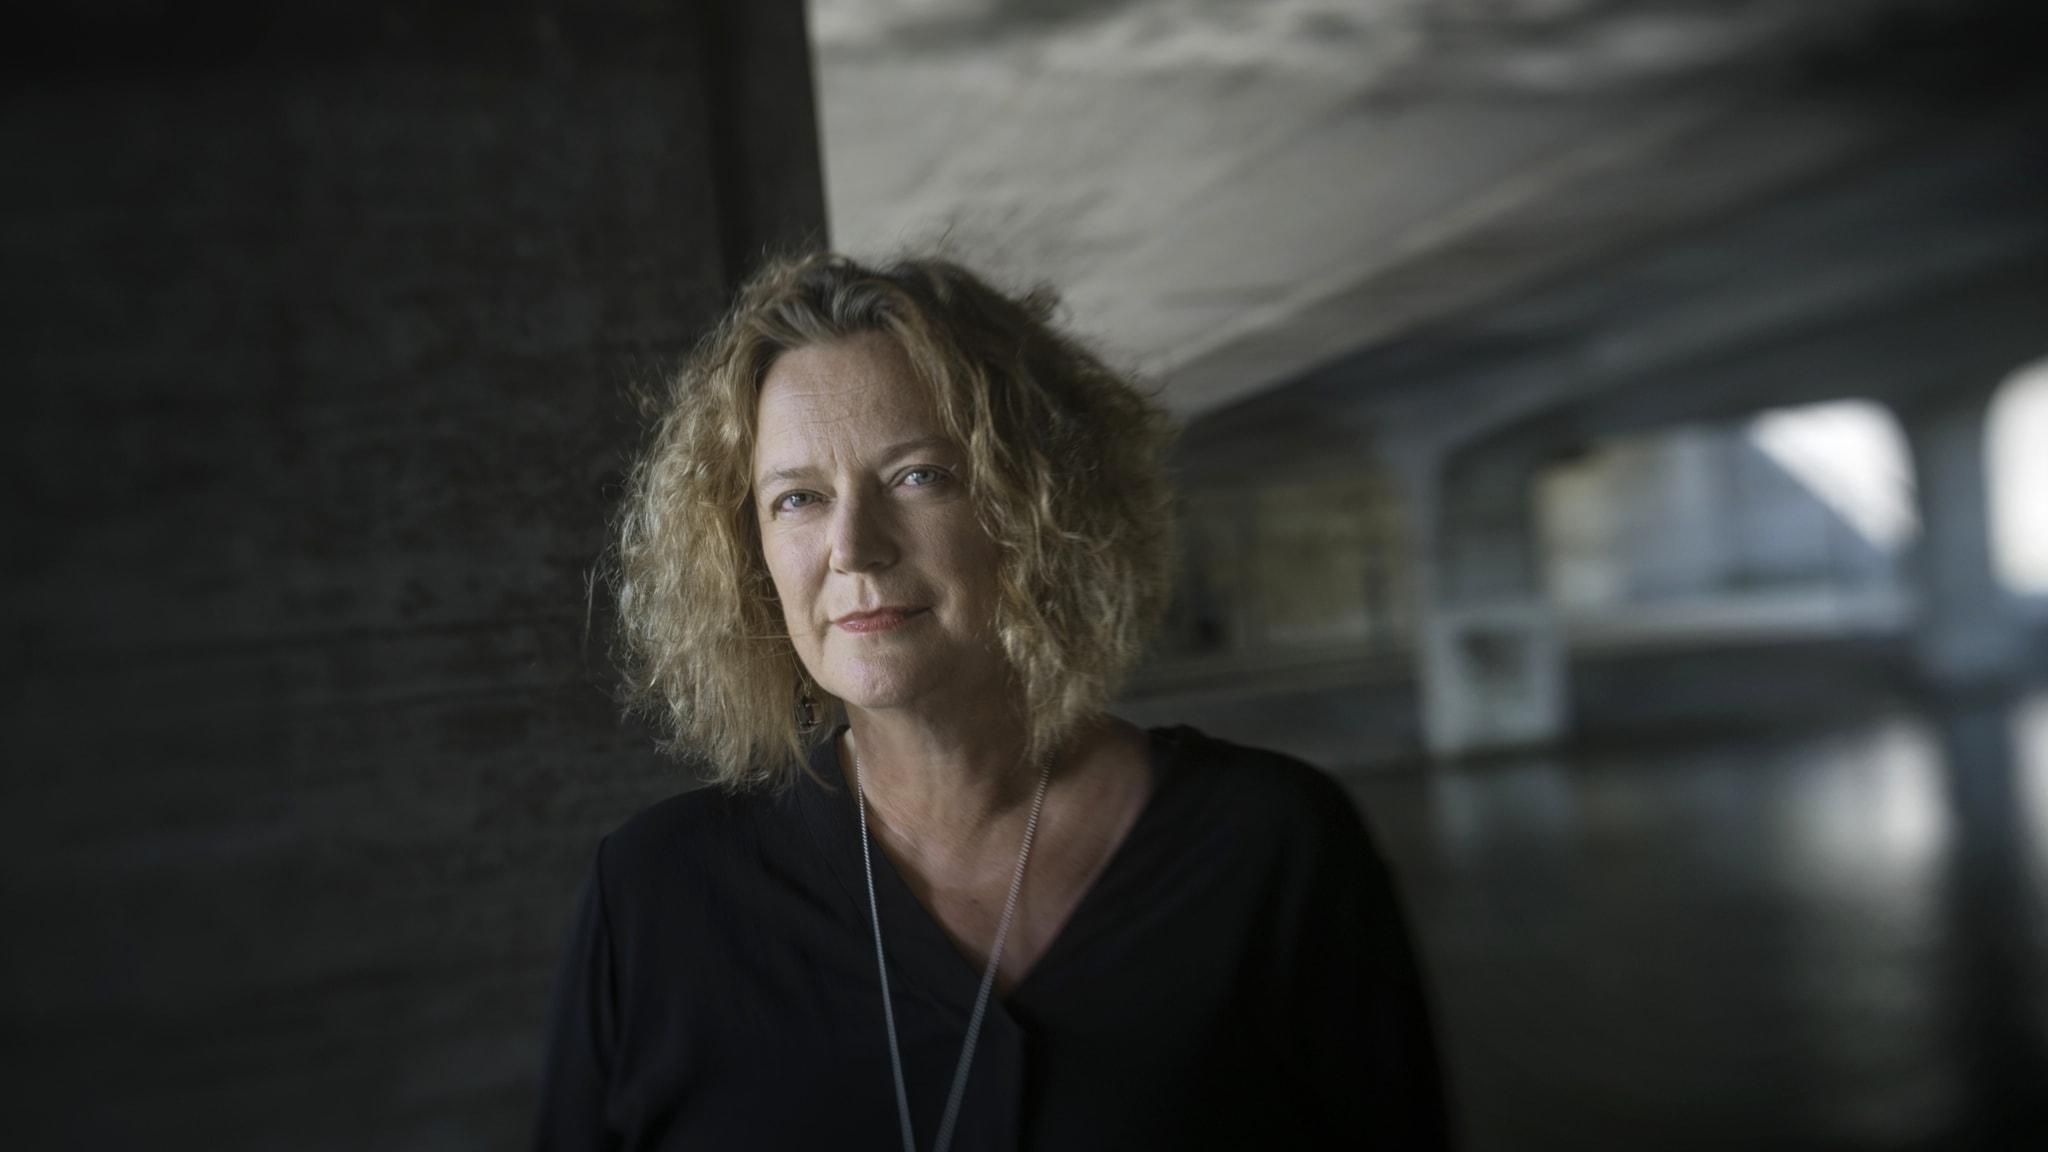 Locket på från Aftonbladet efter Benny Fredriksson-fällning, hårt dragna slutsatser från universitet och chefredaktör på dubbla stolar